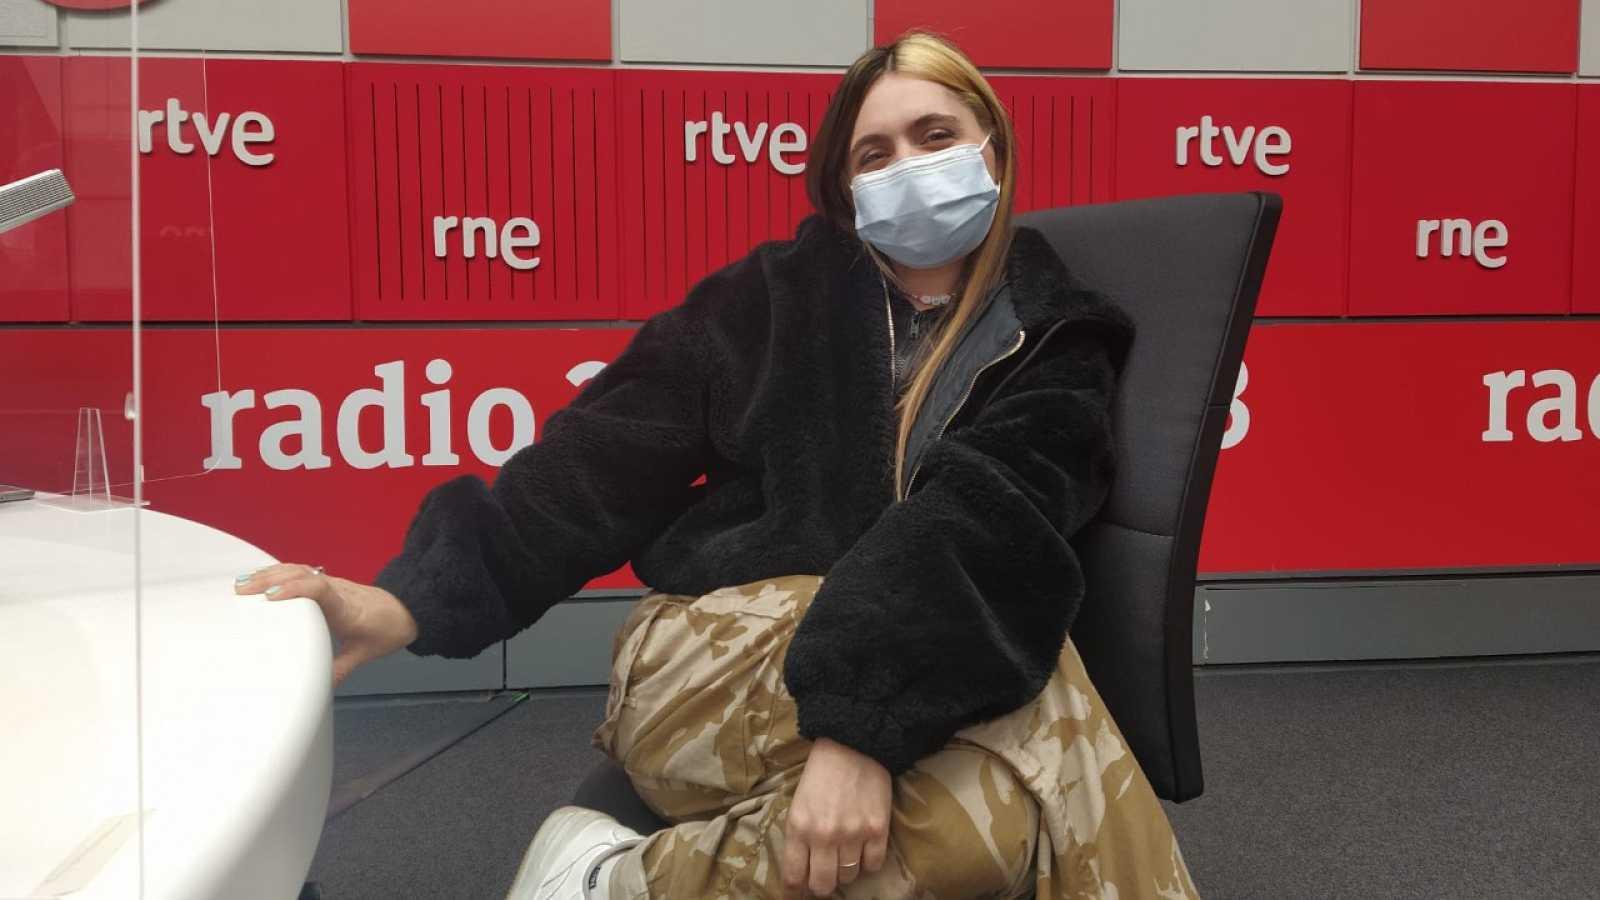 Hoy empieza todo con Marta Echeverría - Rosa pastel, Rafaella Carrá y arte contemporáneo - 25/02/21 - escuchar ahora